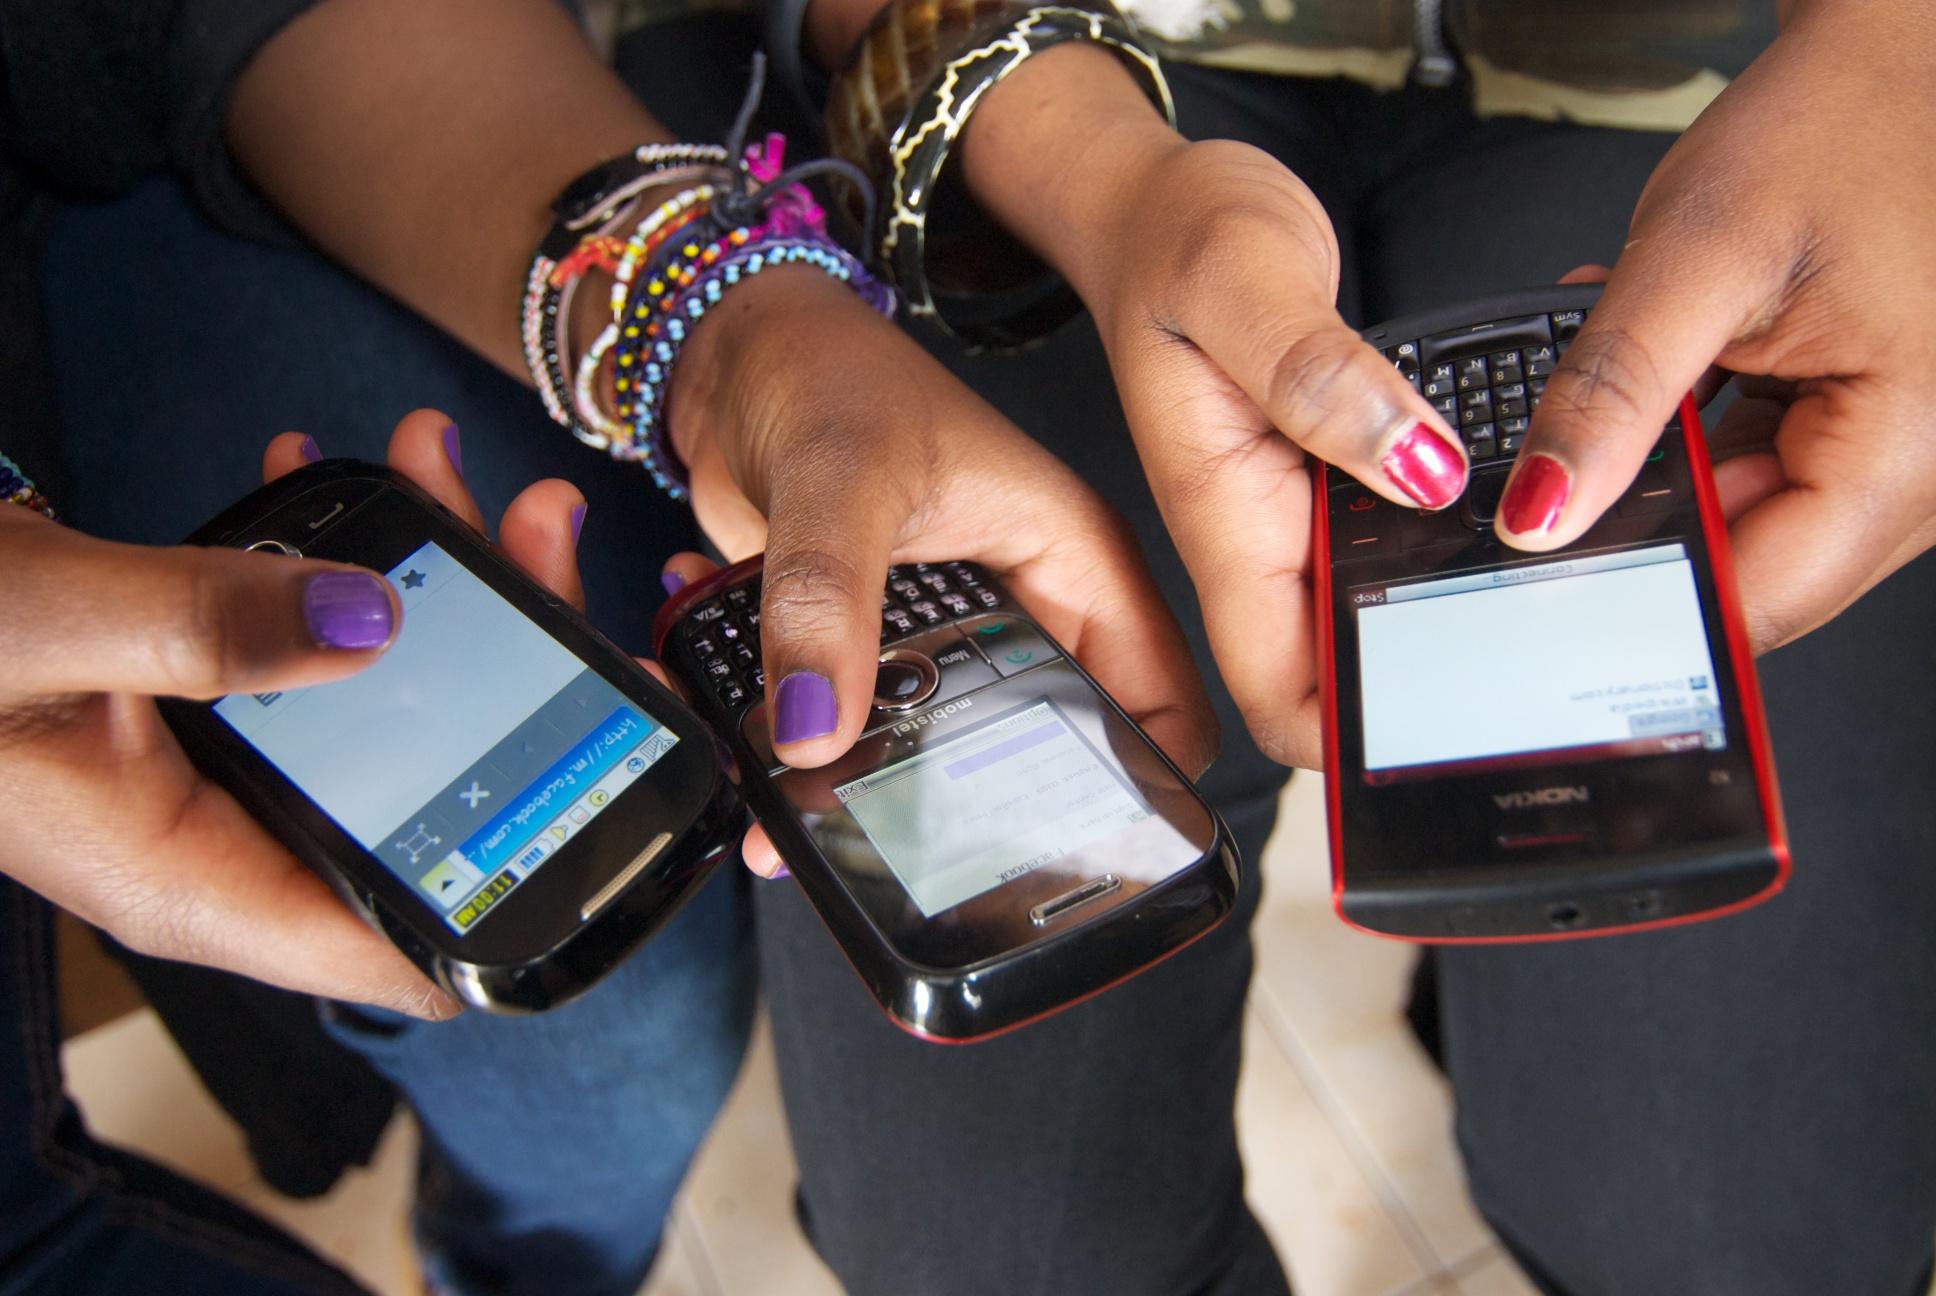 MS_VoiceDataAfrica_Kenya_Nov2011_3